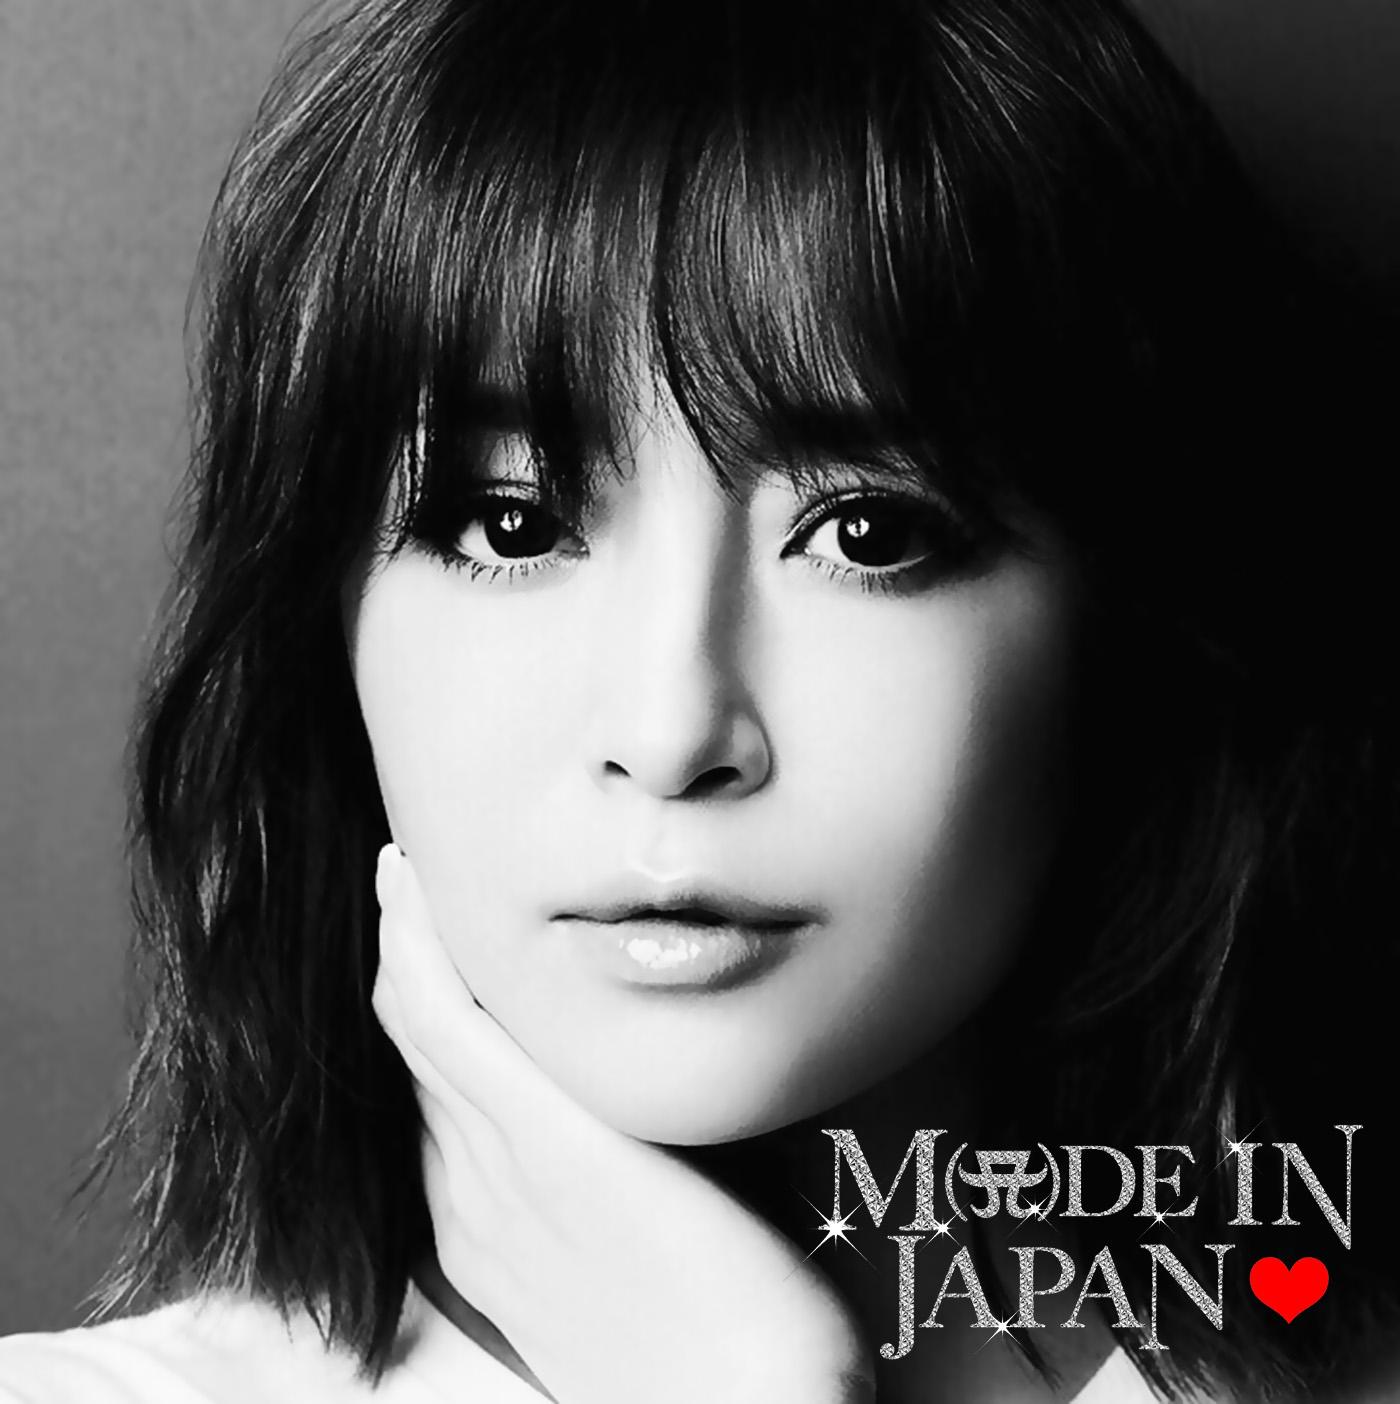 File:Made in Japan by Hamasaki Ayumi.jpg